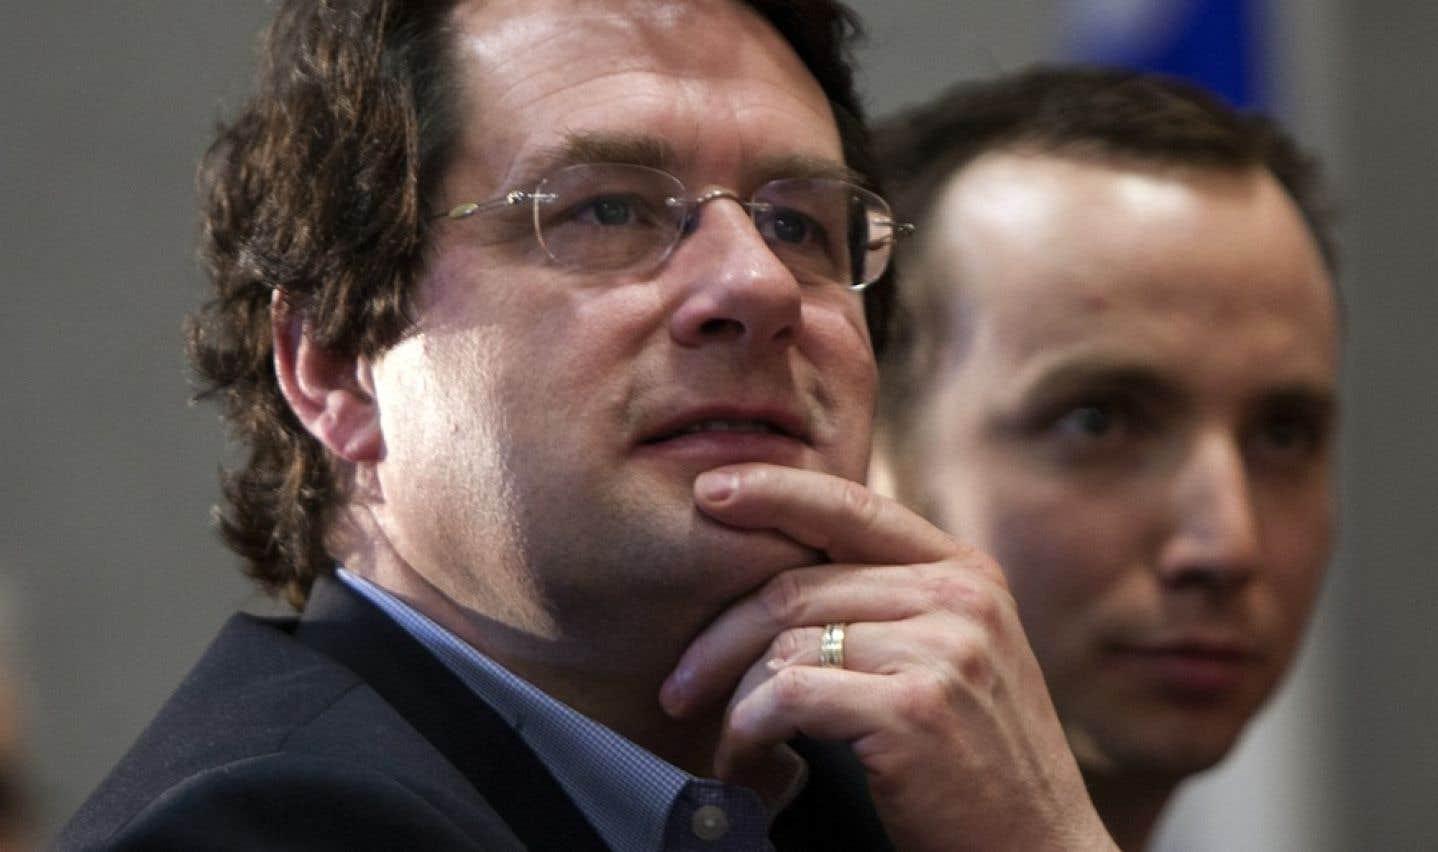 Drainville dit pouvoir compter sur l'appui de militants libéraux